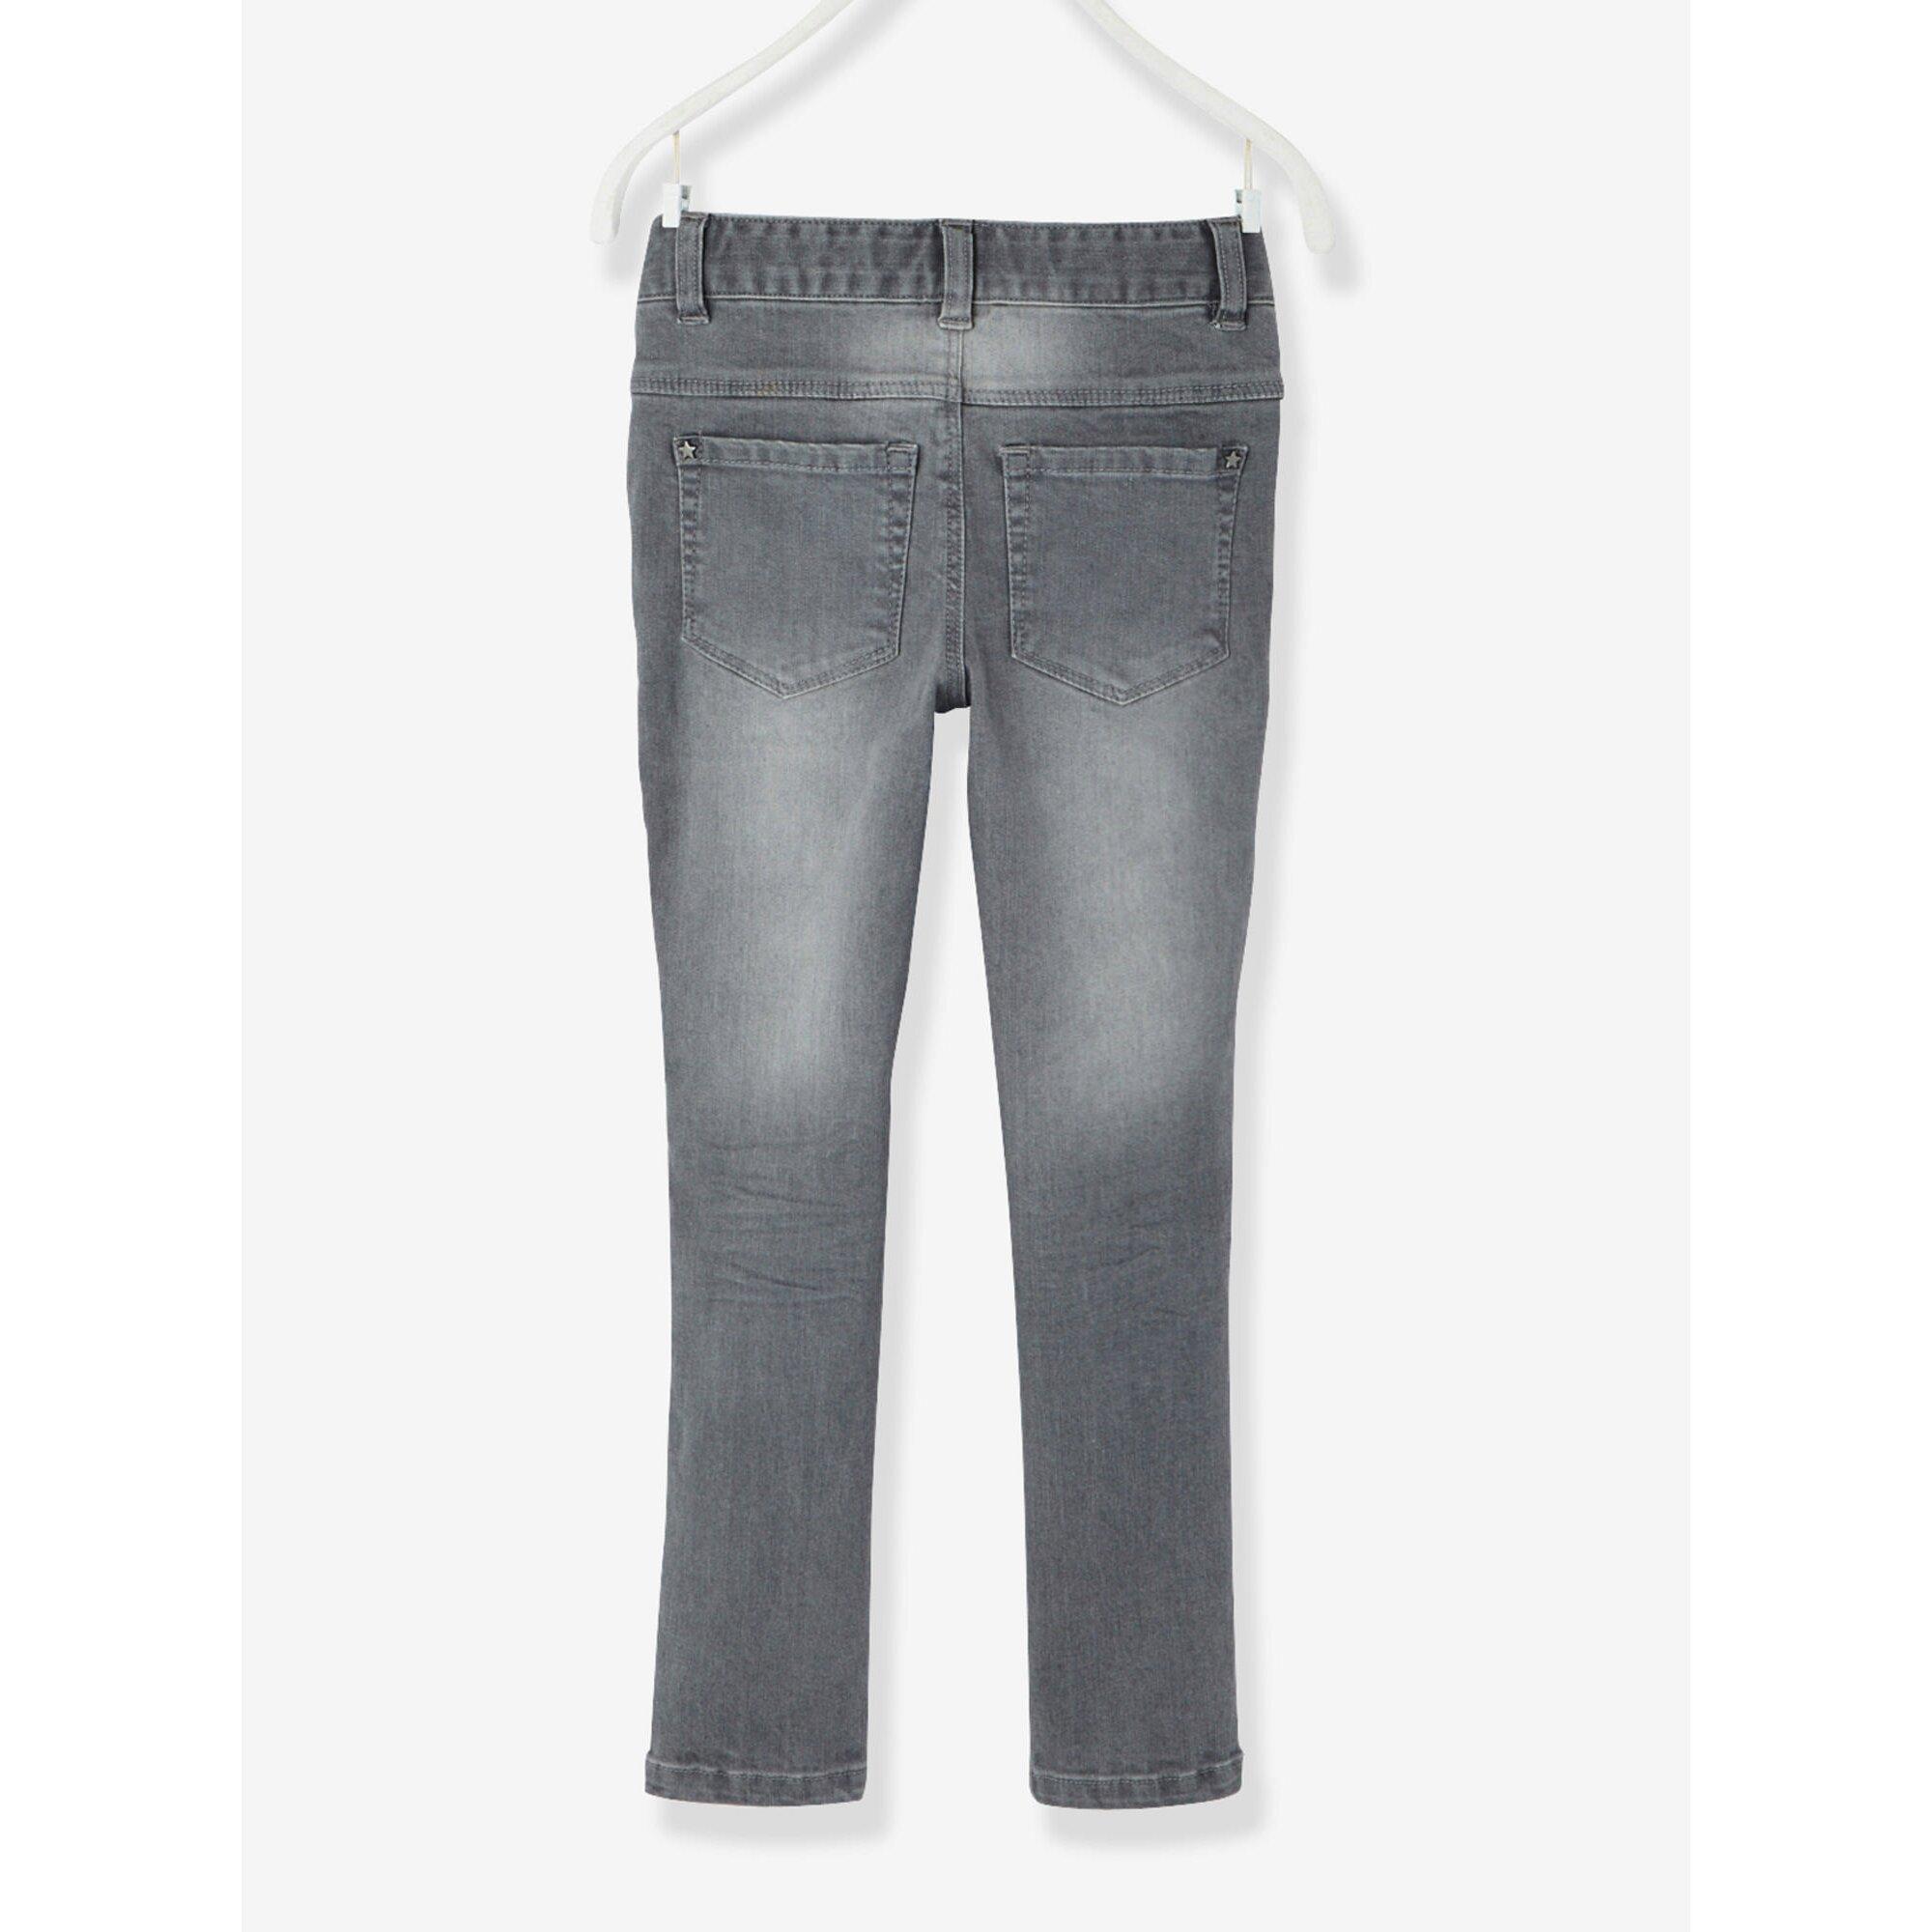 vertbaudet-madchen-skinny-jeans-huftweite-regular, 25.99 EUR @ babywalz-de